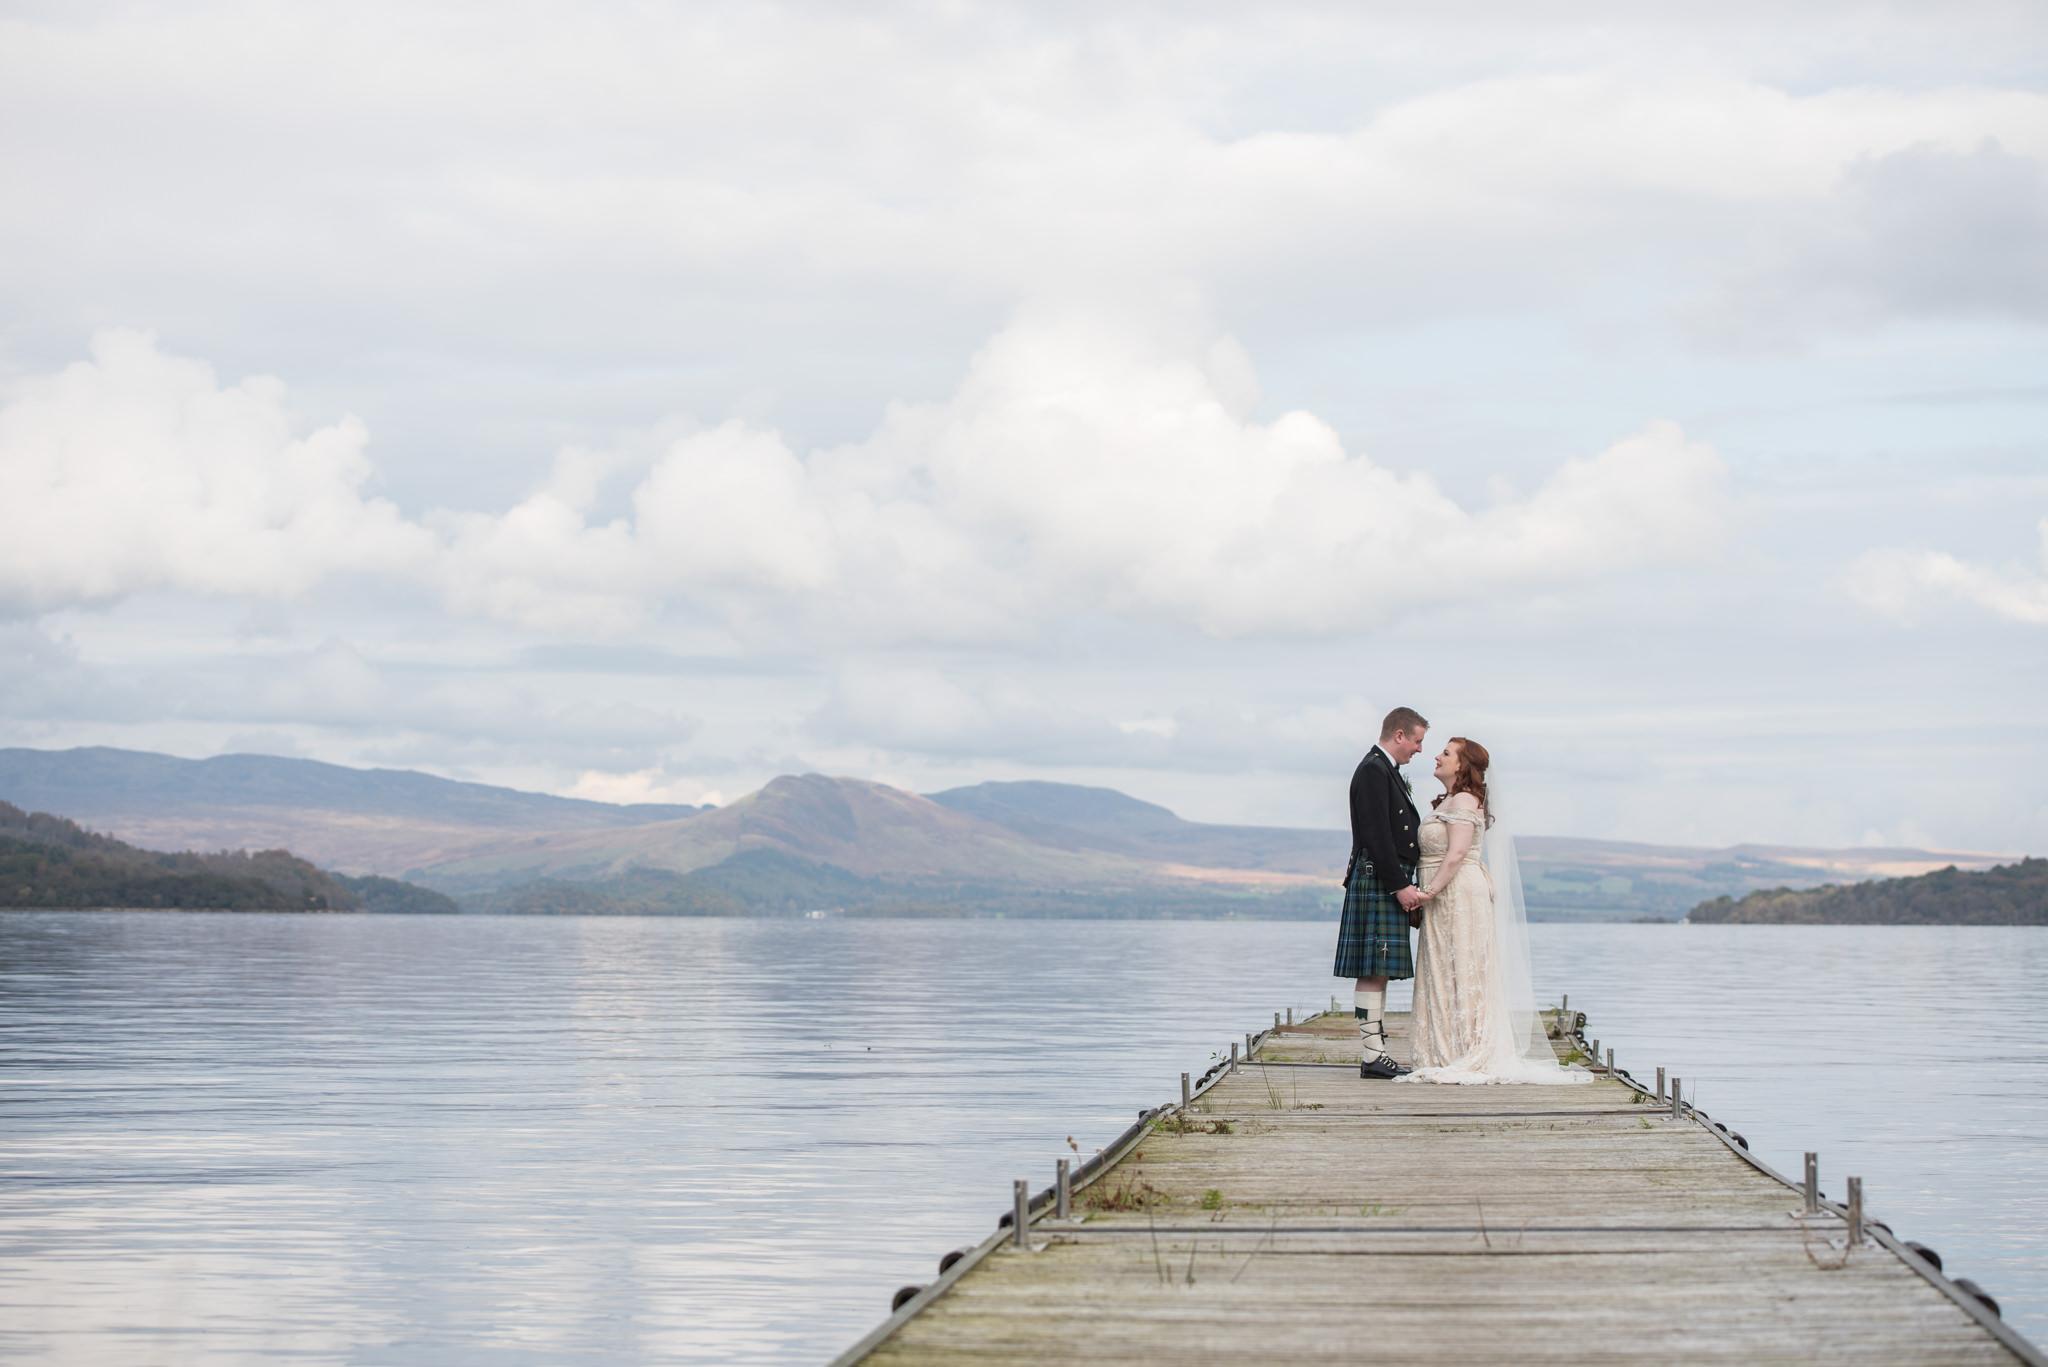 eilidh-scott-wedding-5727-preview.jpg